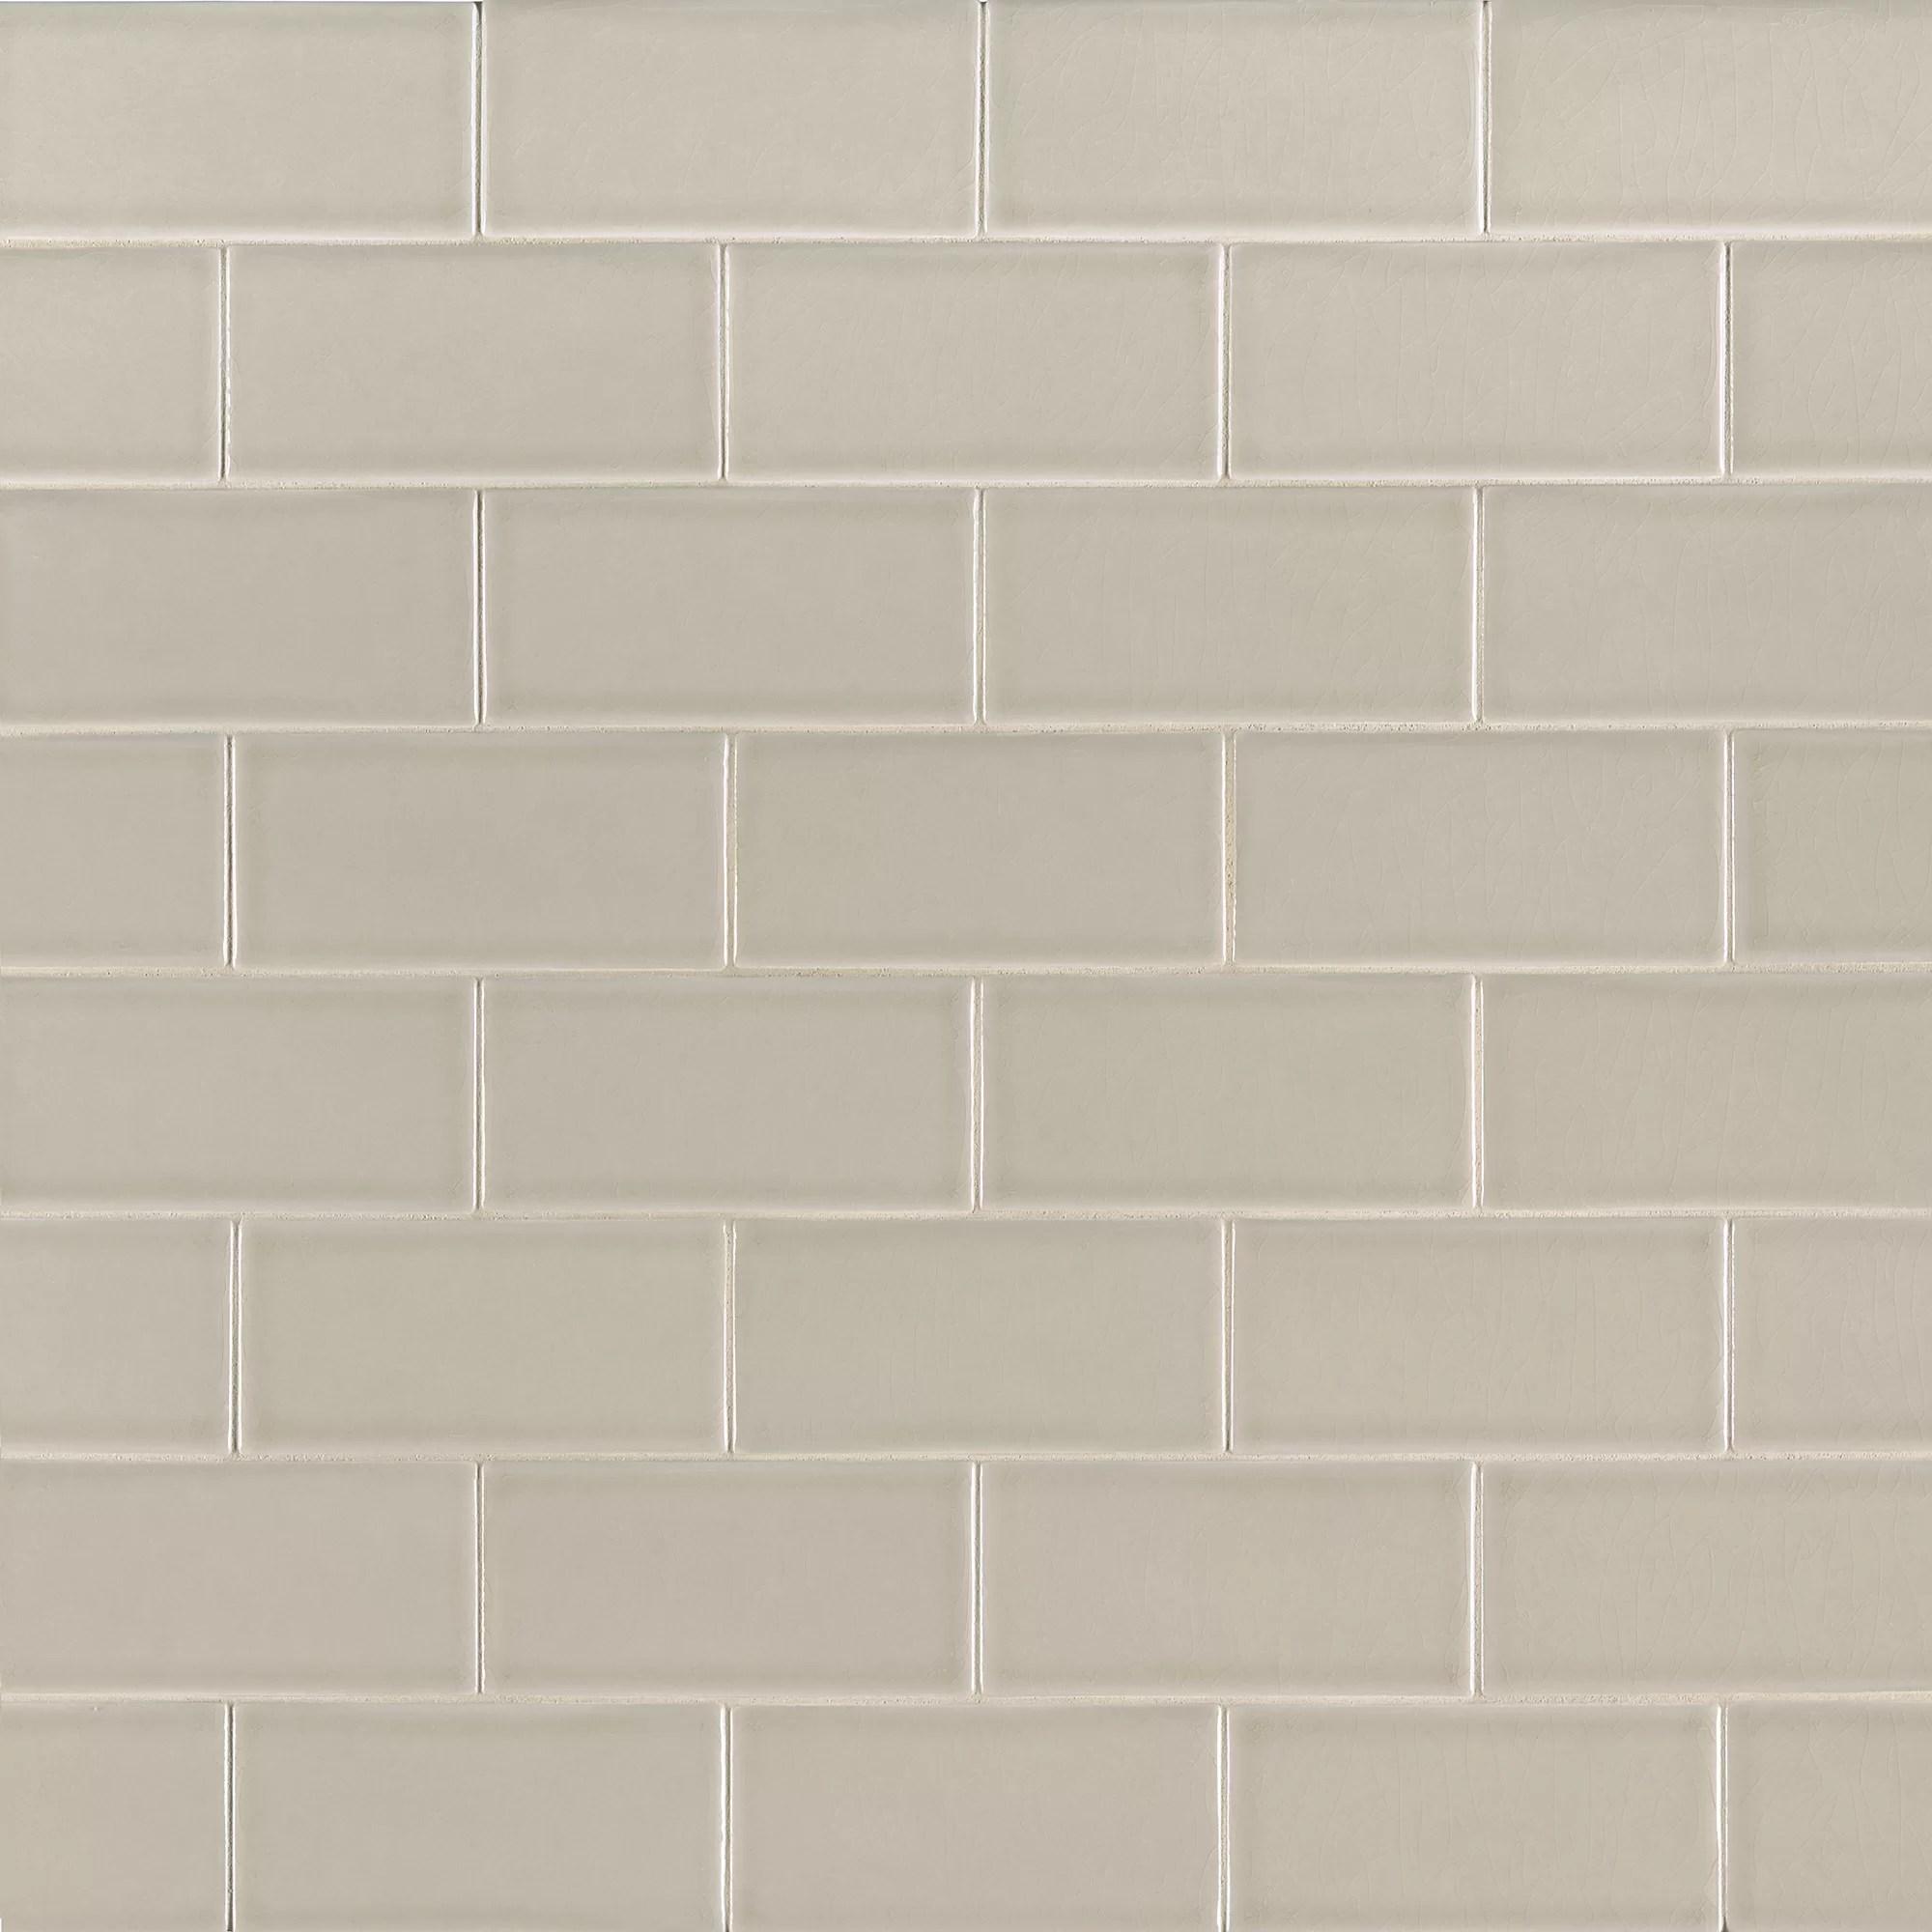 msi portico pearl 3 x 6 ceramic subway tile wayfair